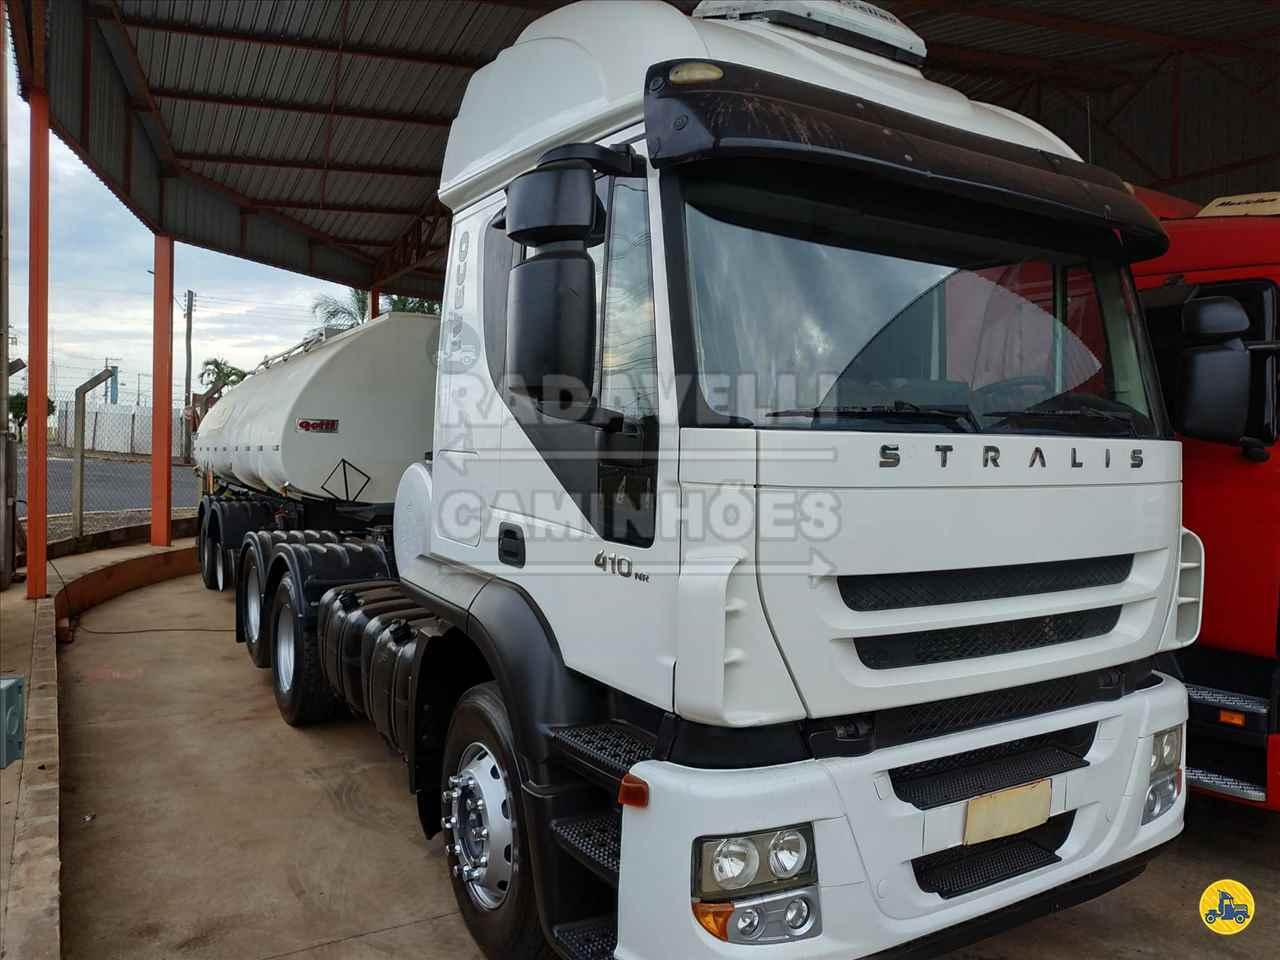 CAMINHAO IVECO STRALIS 410 Cavalo Mecânico Truck 6x2 Radavelli Caminhões MATAO SÃO PAULO SP